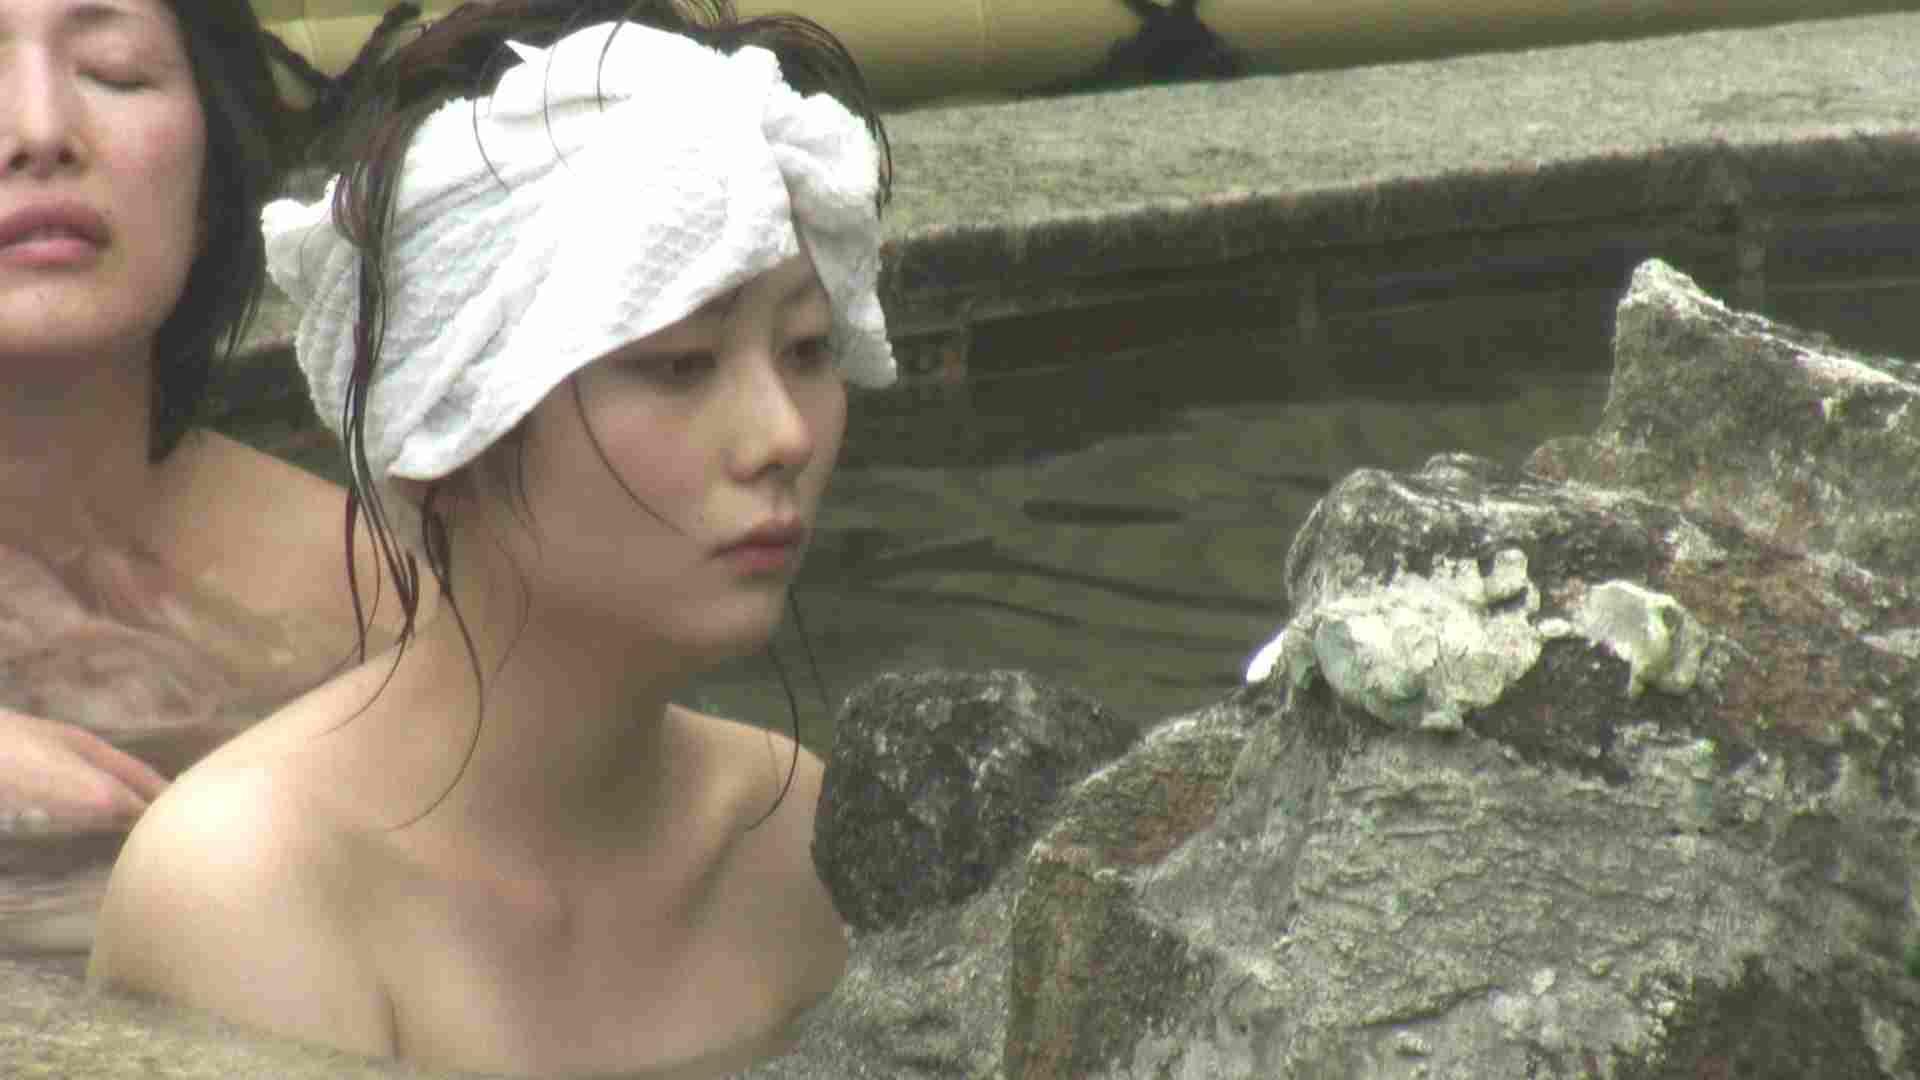 Aquaな露天風呂Vol.147 盗撮 セックス無修正動画無料 84PICs 20